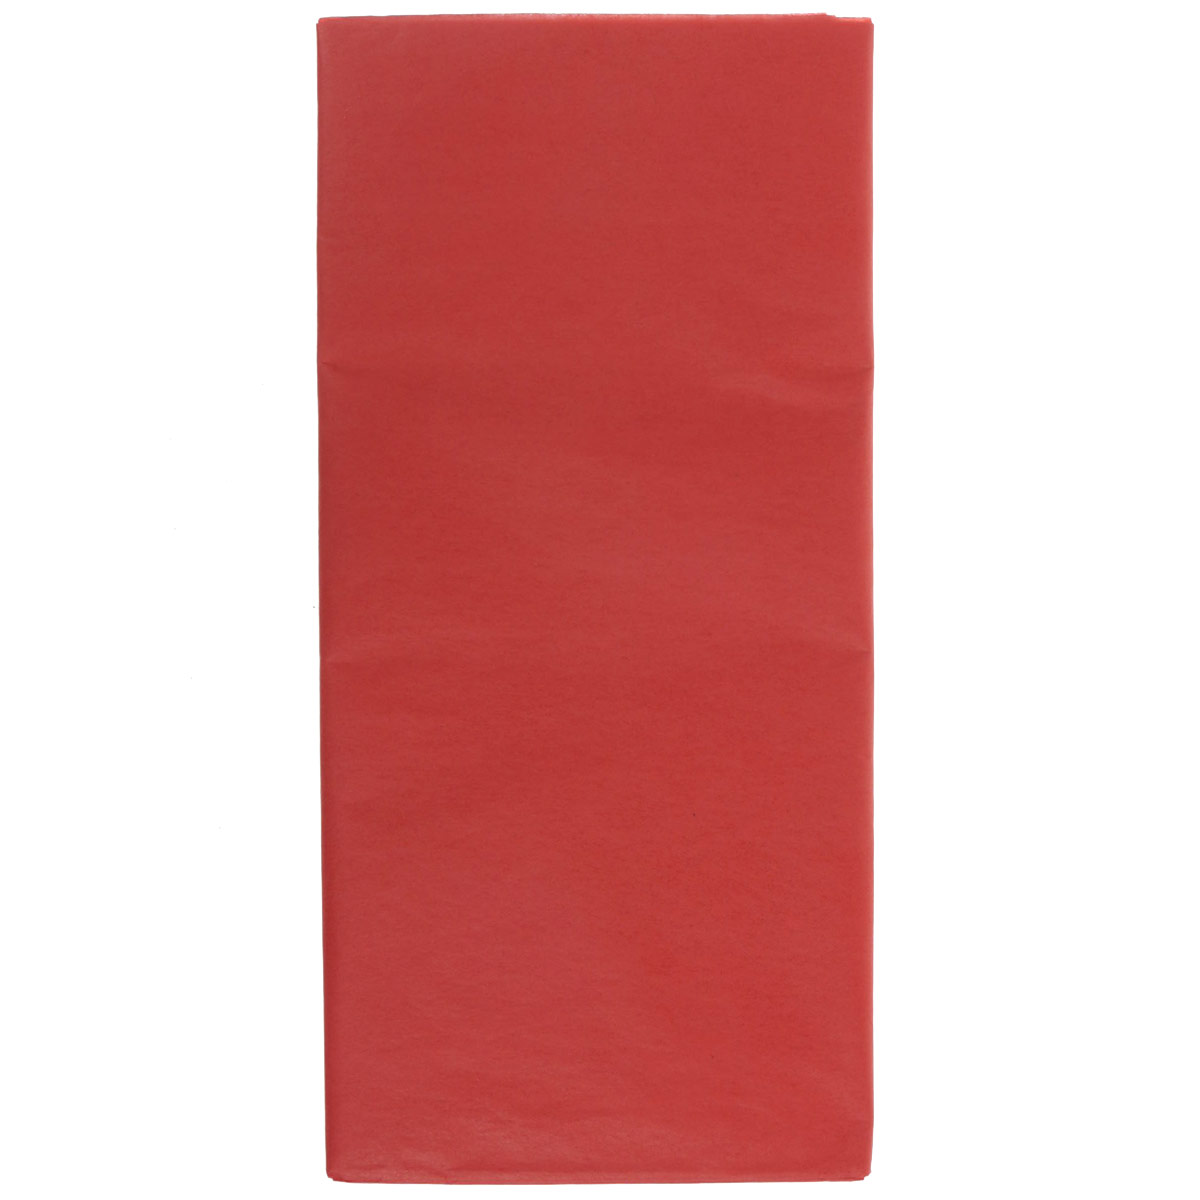 Бумага папиросная Folia, цвет: красный (20), 50 х 70 см, 5 листов. 7708123_2097775318Бумага папиросная Folia - это великолепная тонкая и эластичная декоративная бумага. Такая бумага очень хороша для изготовления своими руками цветов и букетов с конфетами, топиариев, декорирования праздничных мероприятий. Также из нее получается шикарная упаковка для подарков. Интересный эффект дает сочетание мягкой полупрозрачной фактуры папиросной бумаги с жатыми и матовыми фактурами: креп-бумагой, тутовой и различными видами картона. Бумага очень тонкая, полупрозрачная - поэтому ее можно оригинально использовать в декоре стекла, светильников и гирлянд. Достаточно большие размеры листа и богатая цветовая палитра дают простор вашей творческой фантазии. Размер листа: 50 см х 70 см.Плотность: 20 г/м2.